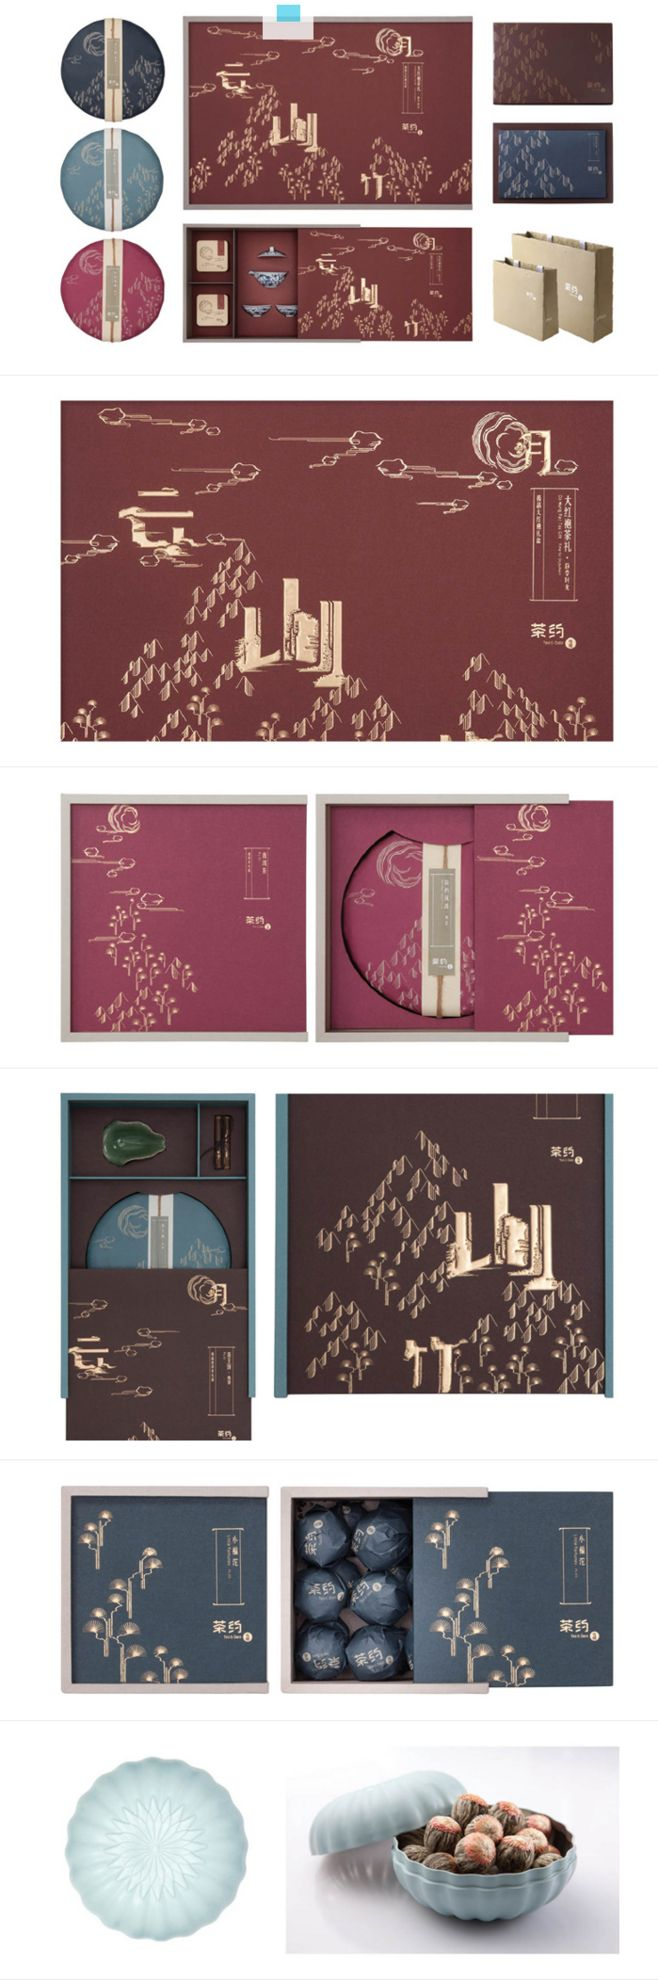 中式茶品牌设计 设计圈 展示 设计时代网...